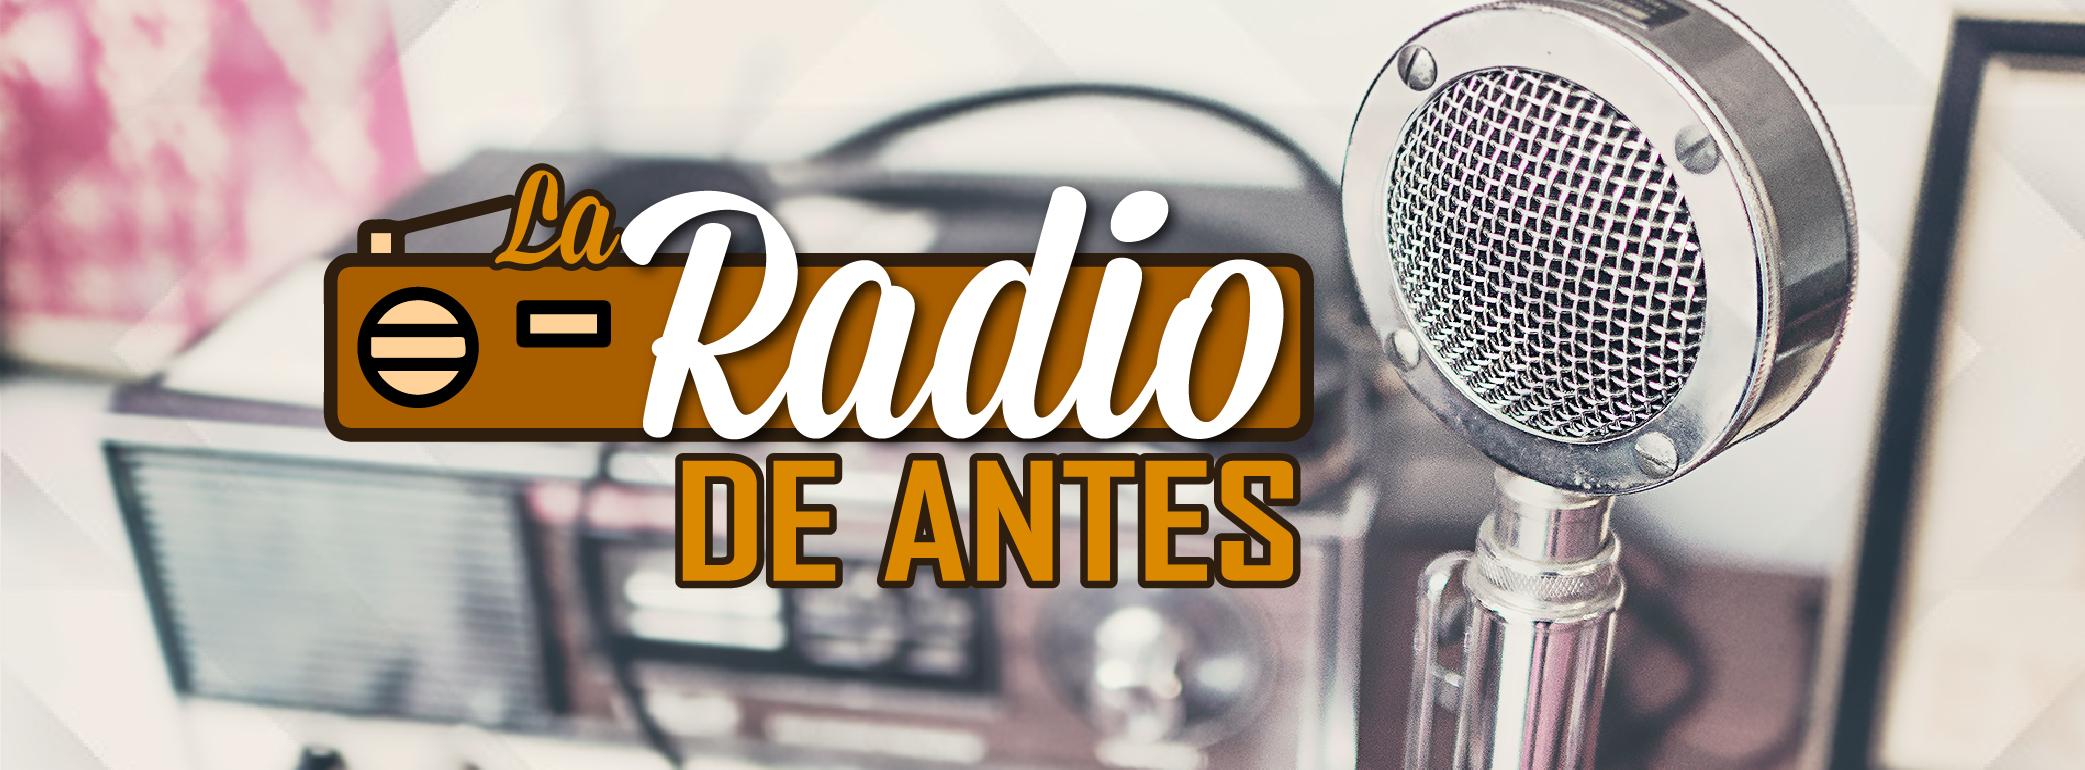 La radio de antes